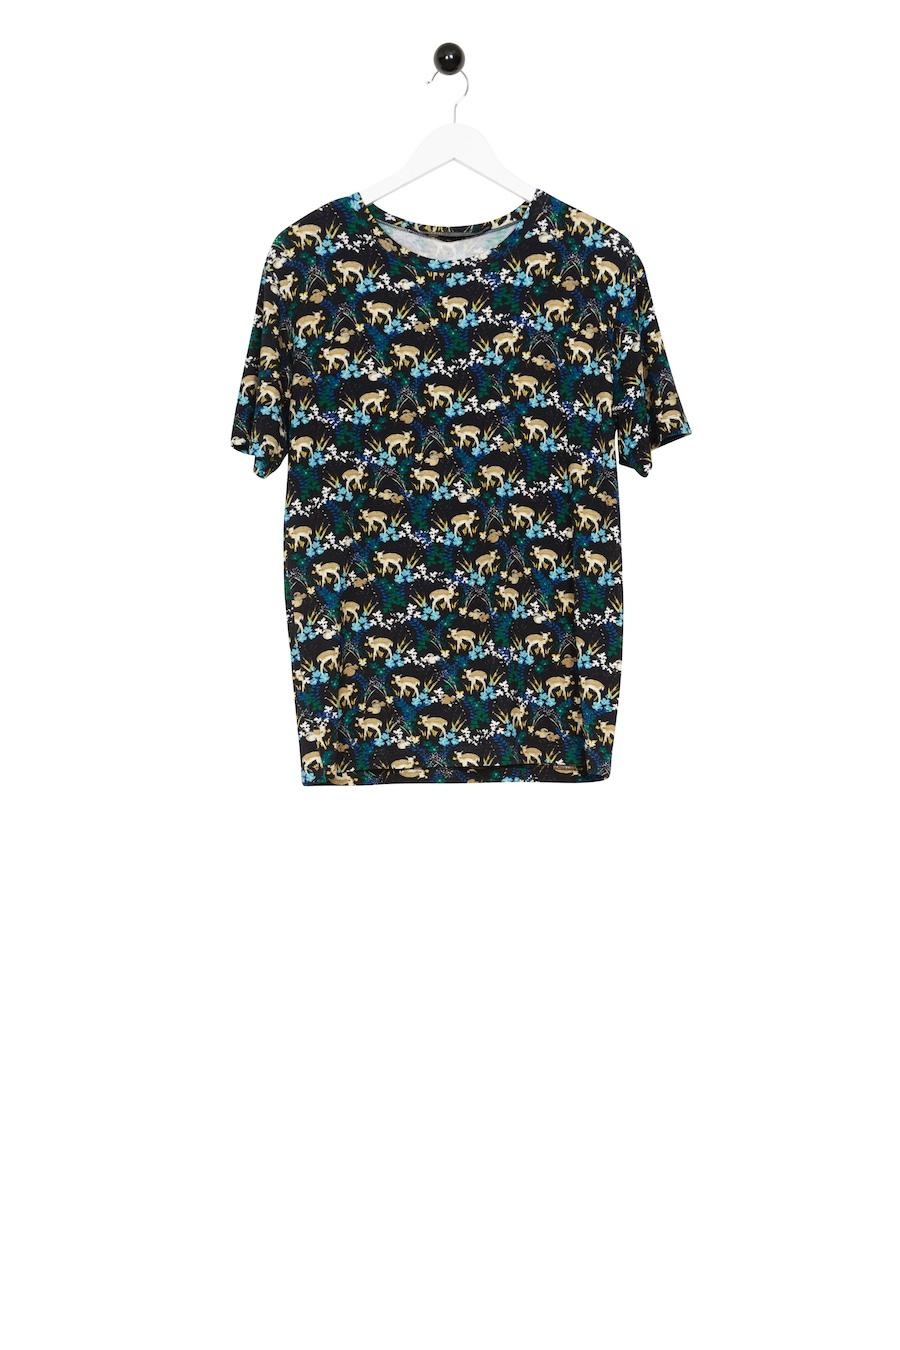 Falabella T-Shirt